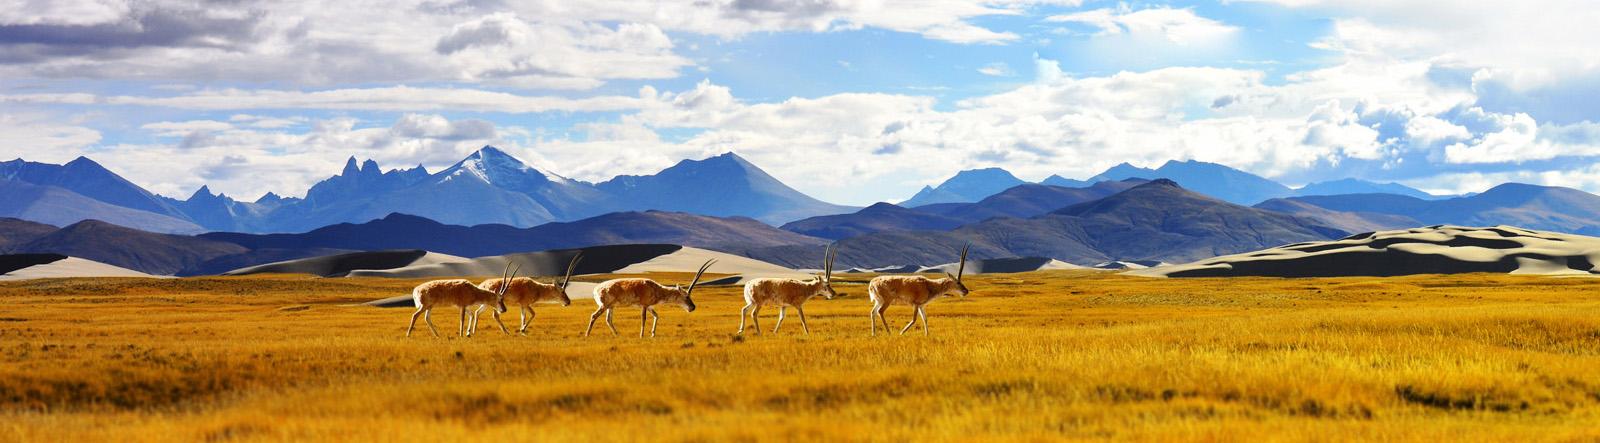 Tibet Group Tour,Mount Kailash Tours